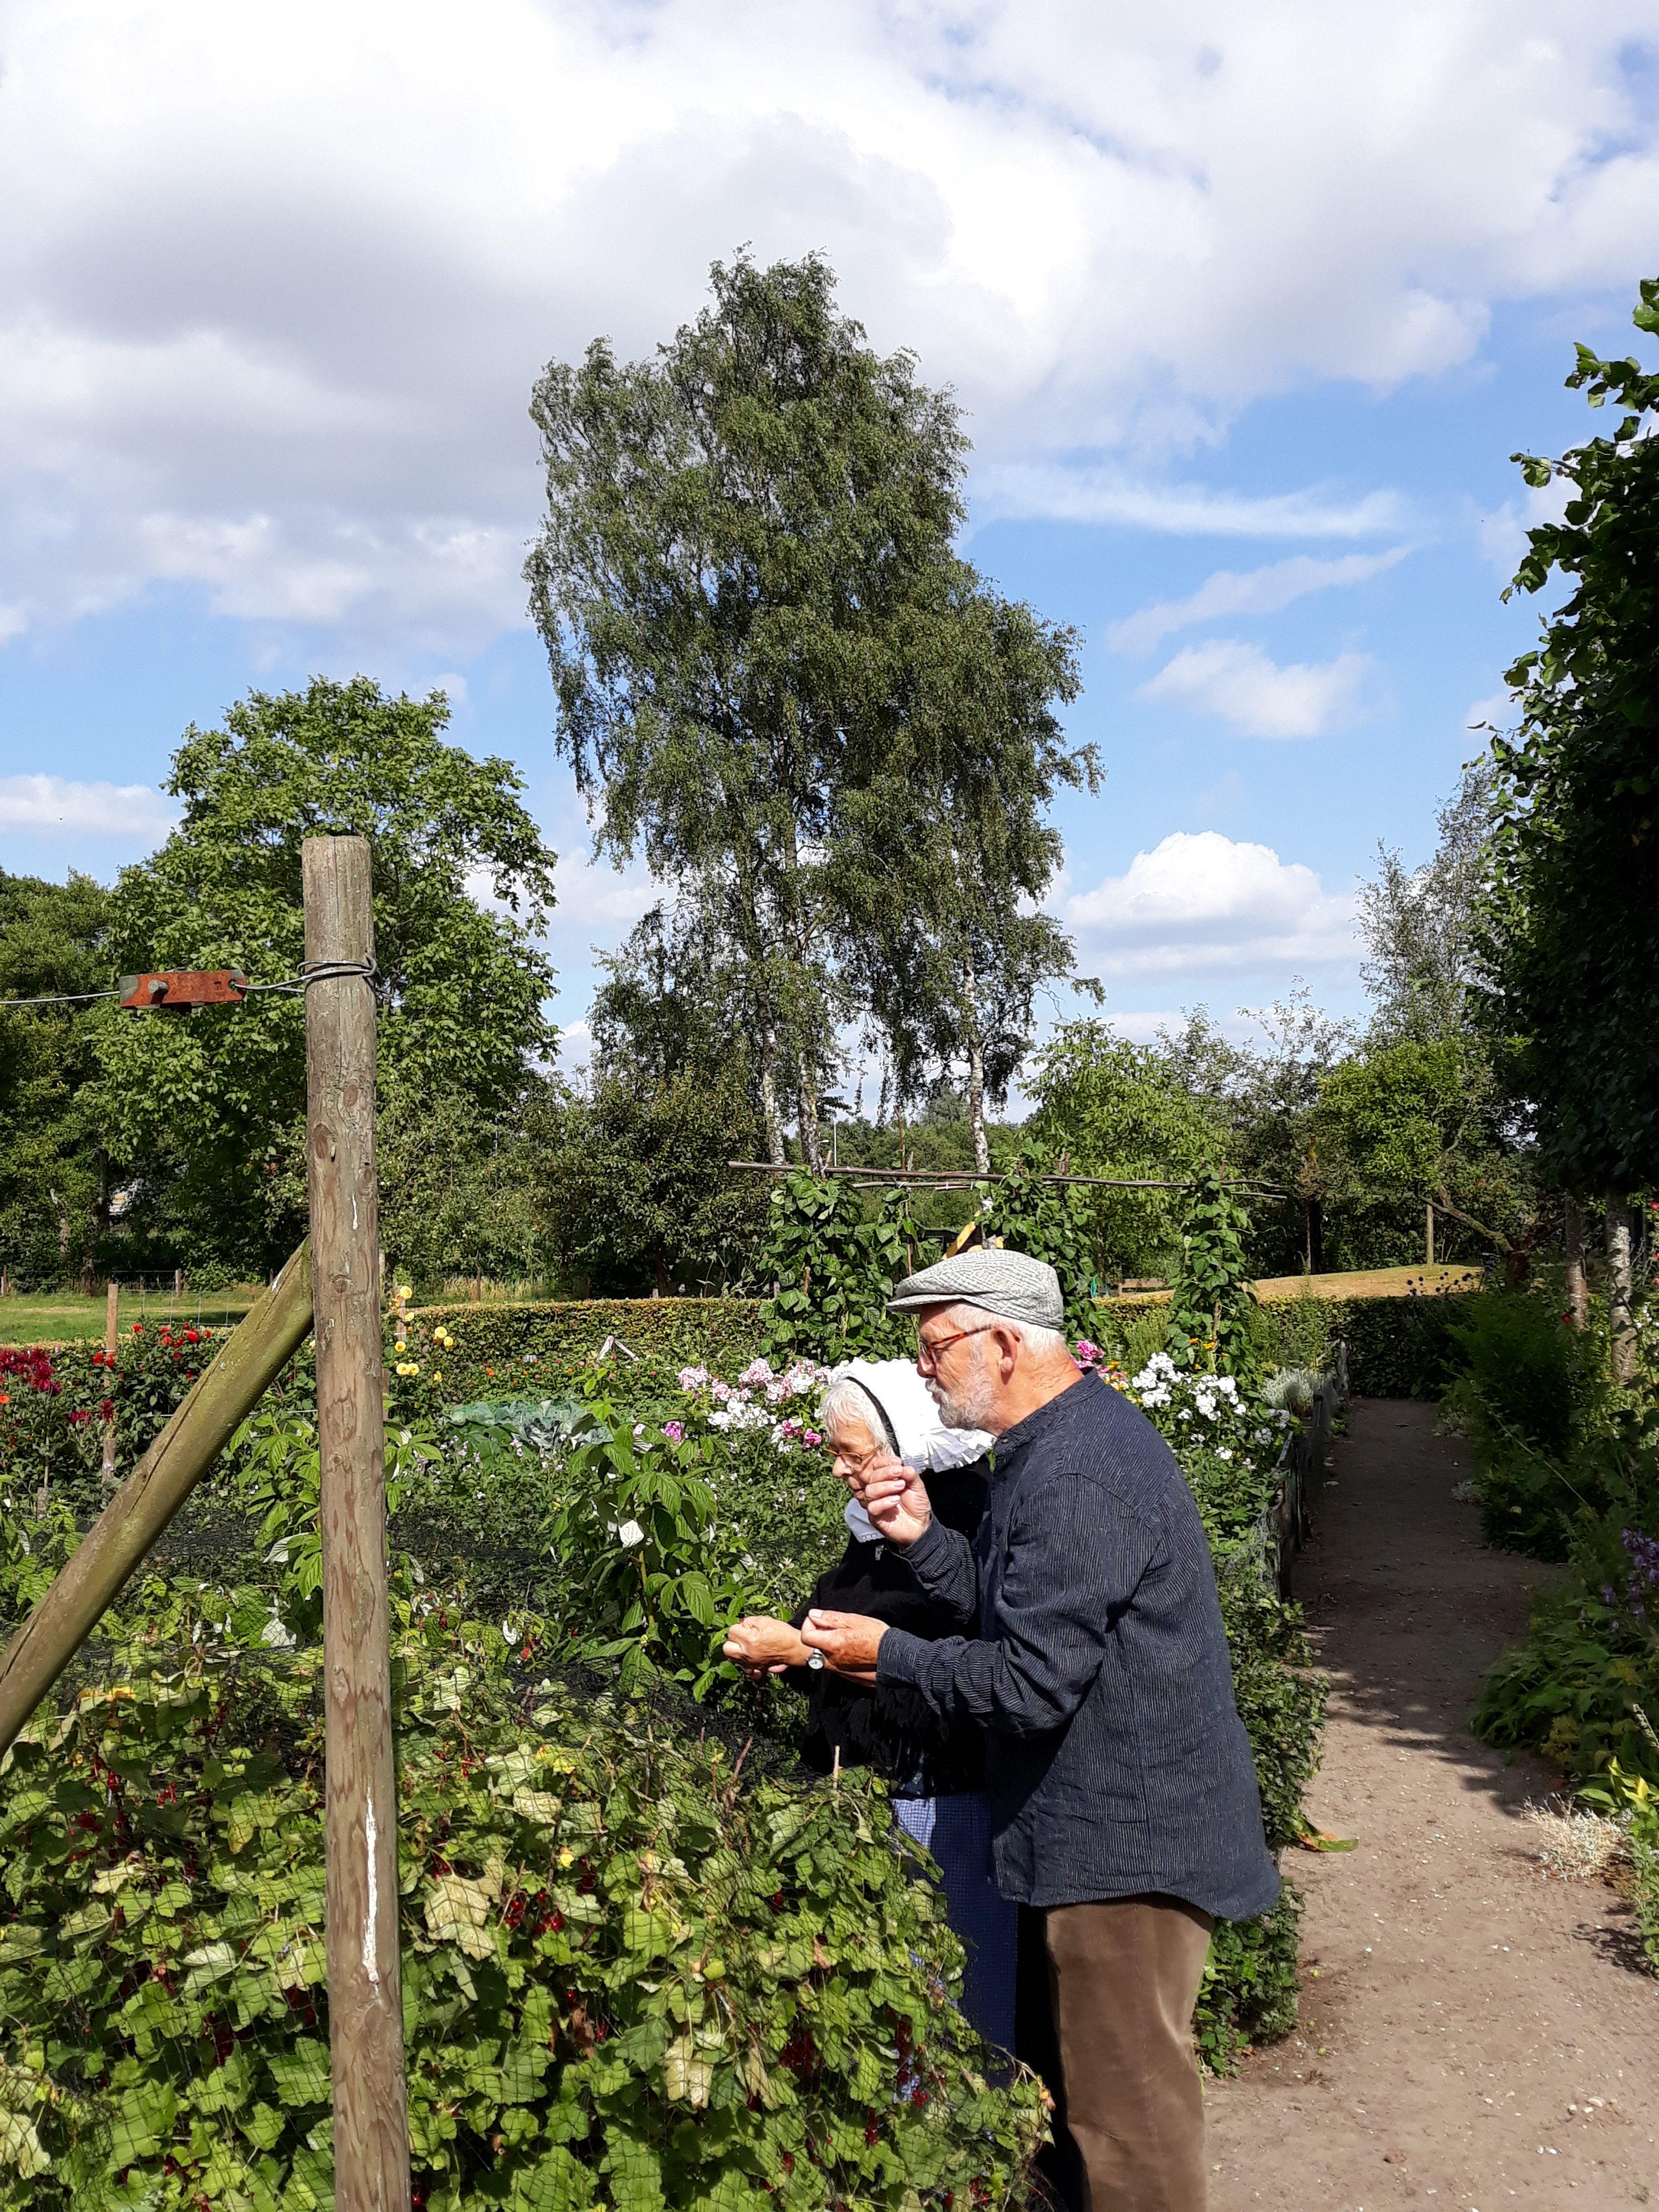 Een oudere man en vrouw in klederdracht staan gebogen over groene planten in de tuin van het museum